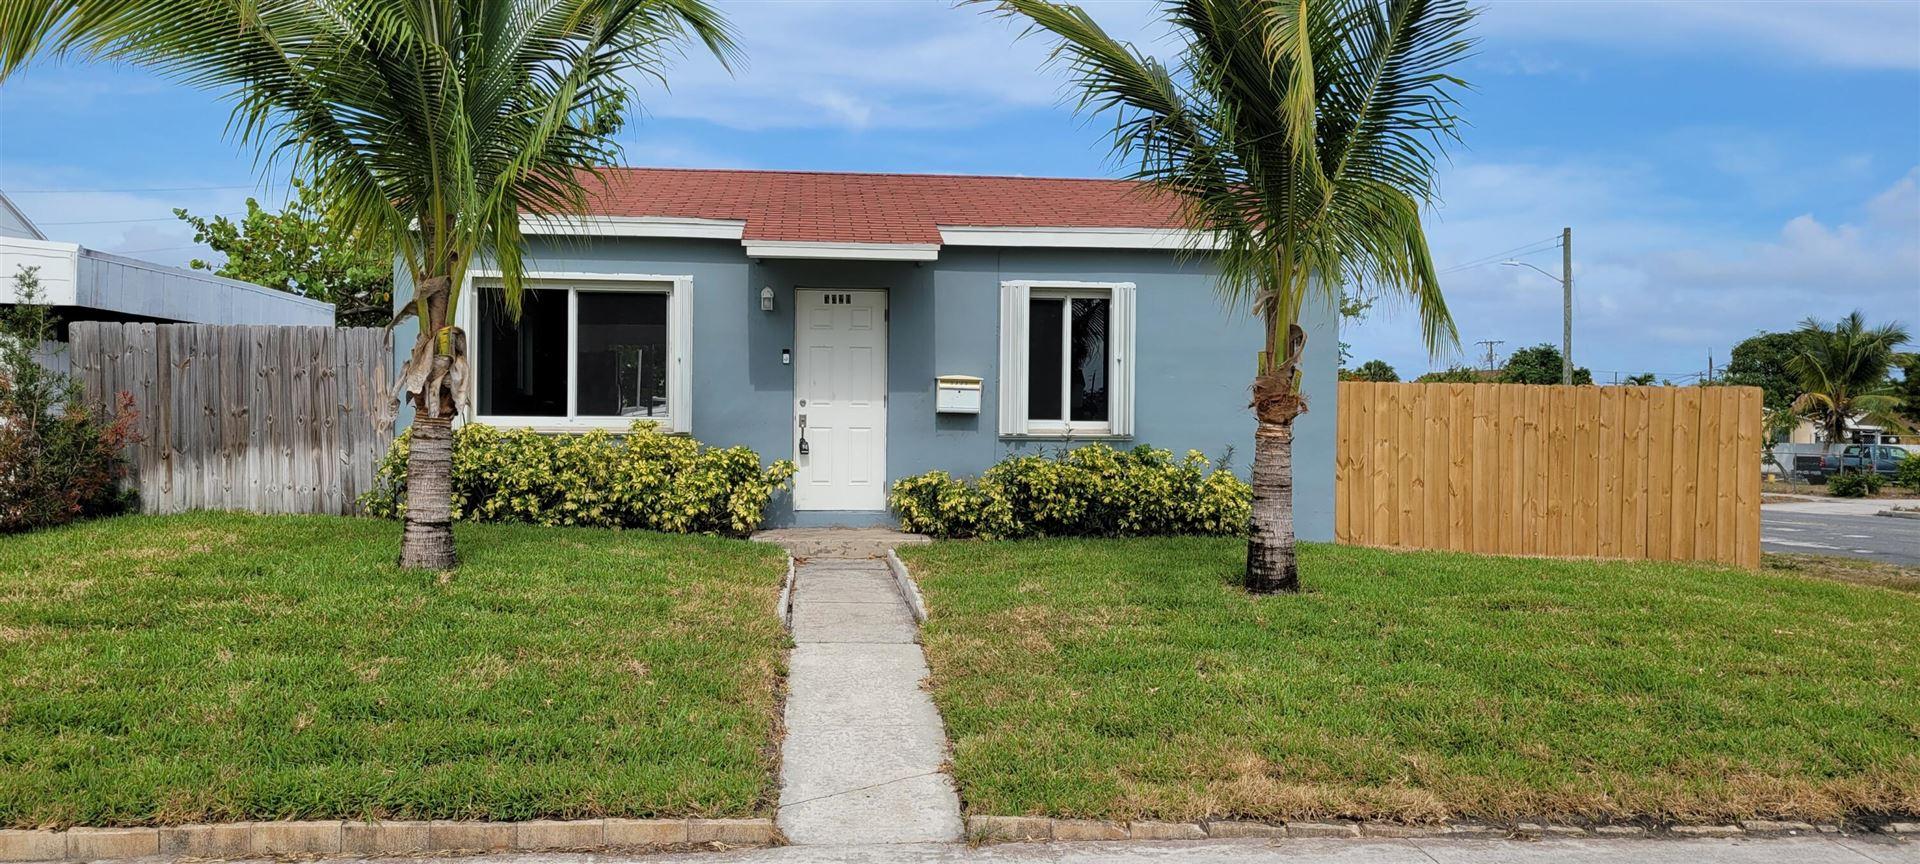 5320 Parker Avenue, West Palm Beach, FL 33405 - MLS#: RX-10721379